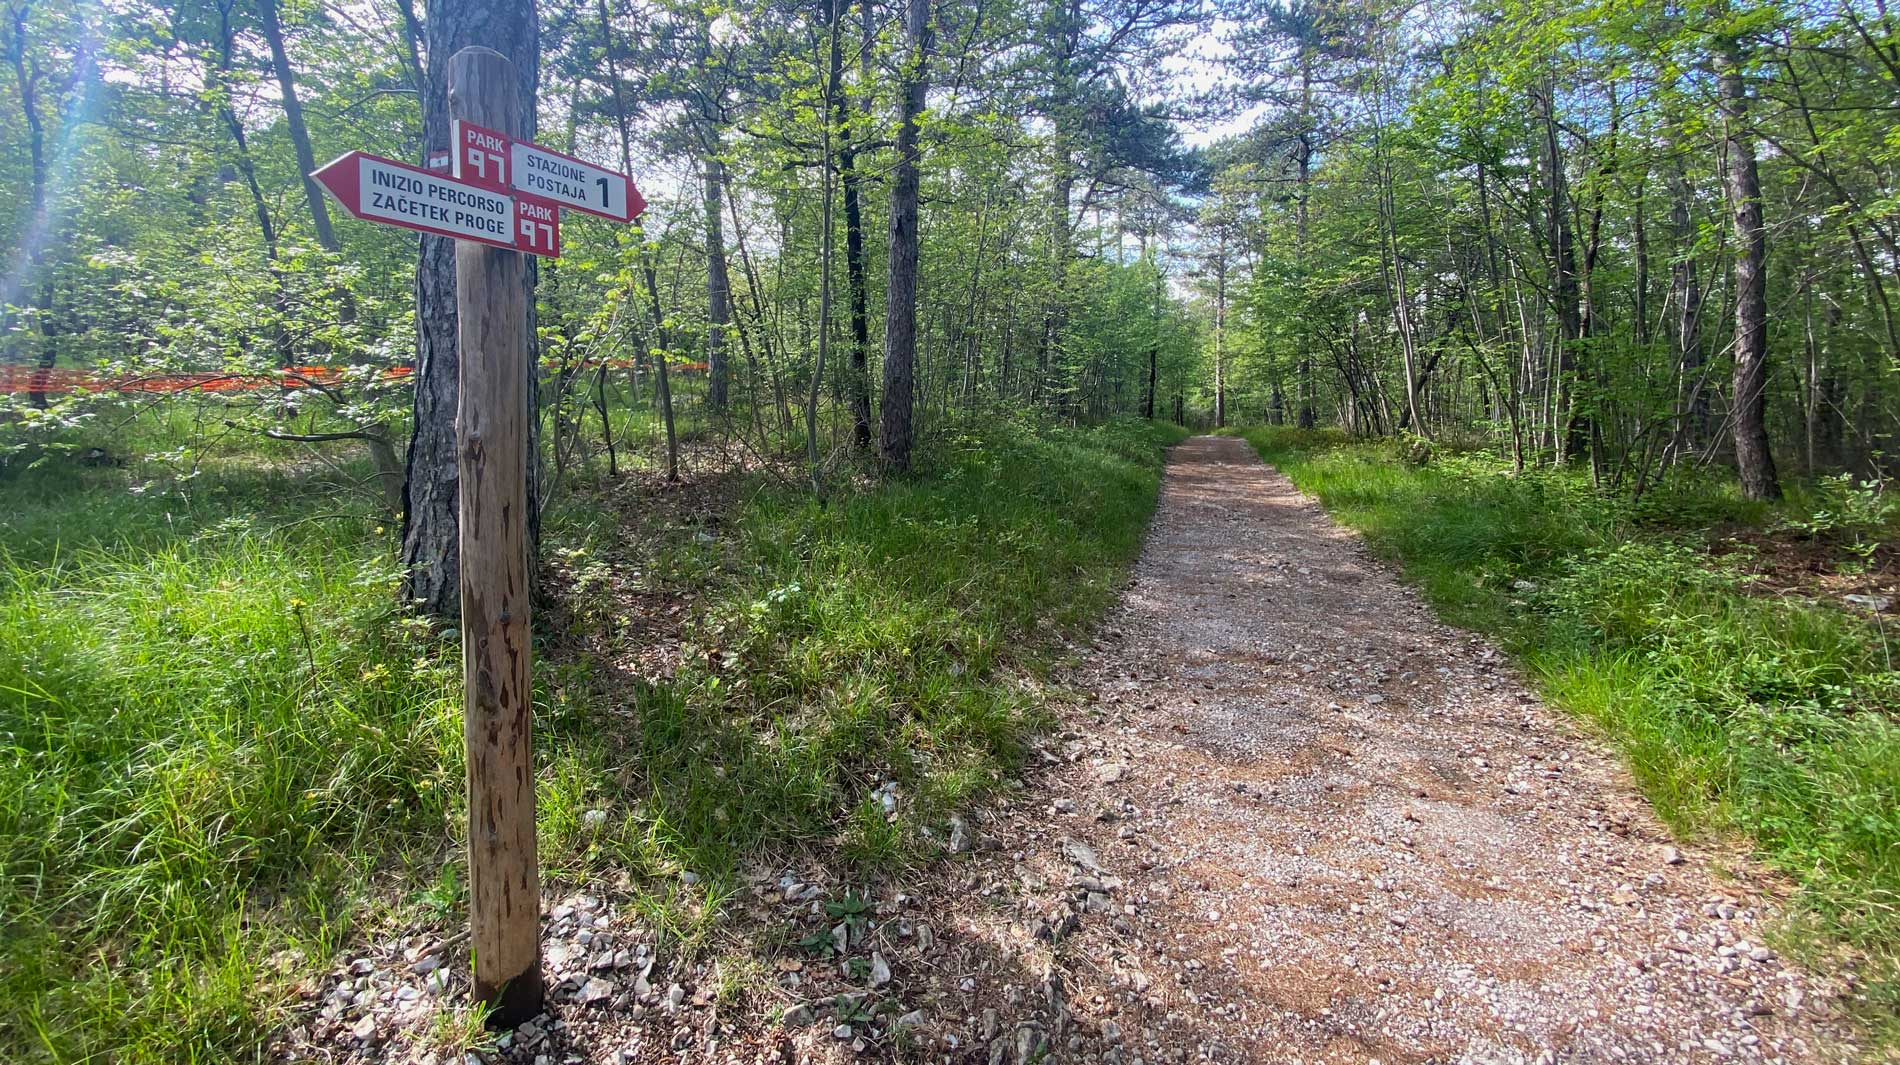 Il Parco 97 è un percorso della Grande Guerra inaugurato nell'estate del 2017 nel Bosco Fornace di Prosecco (Comune di Trieste), sul ciglione del Carso a poca distanza dal celebre Castello di Miramare.